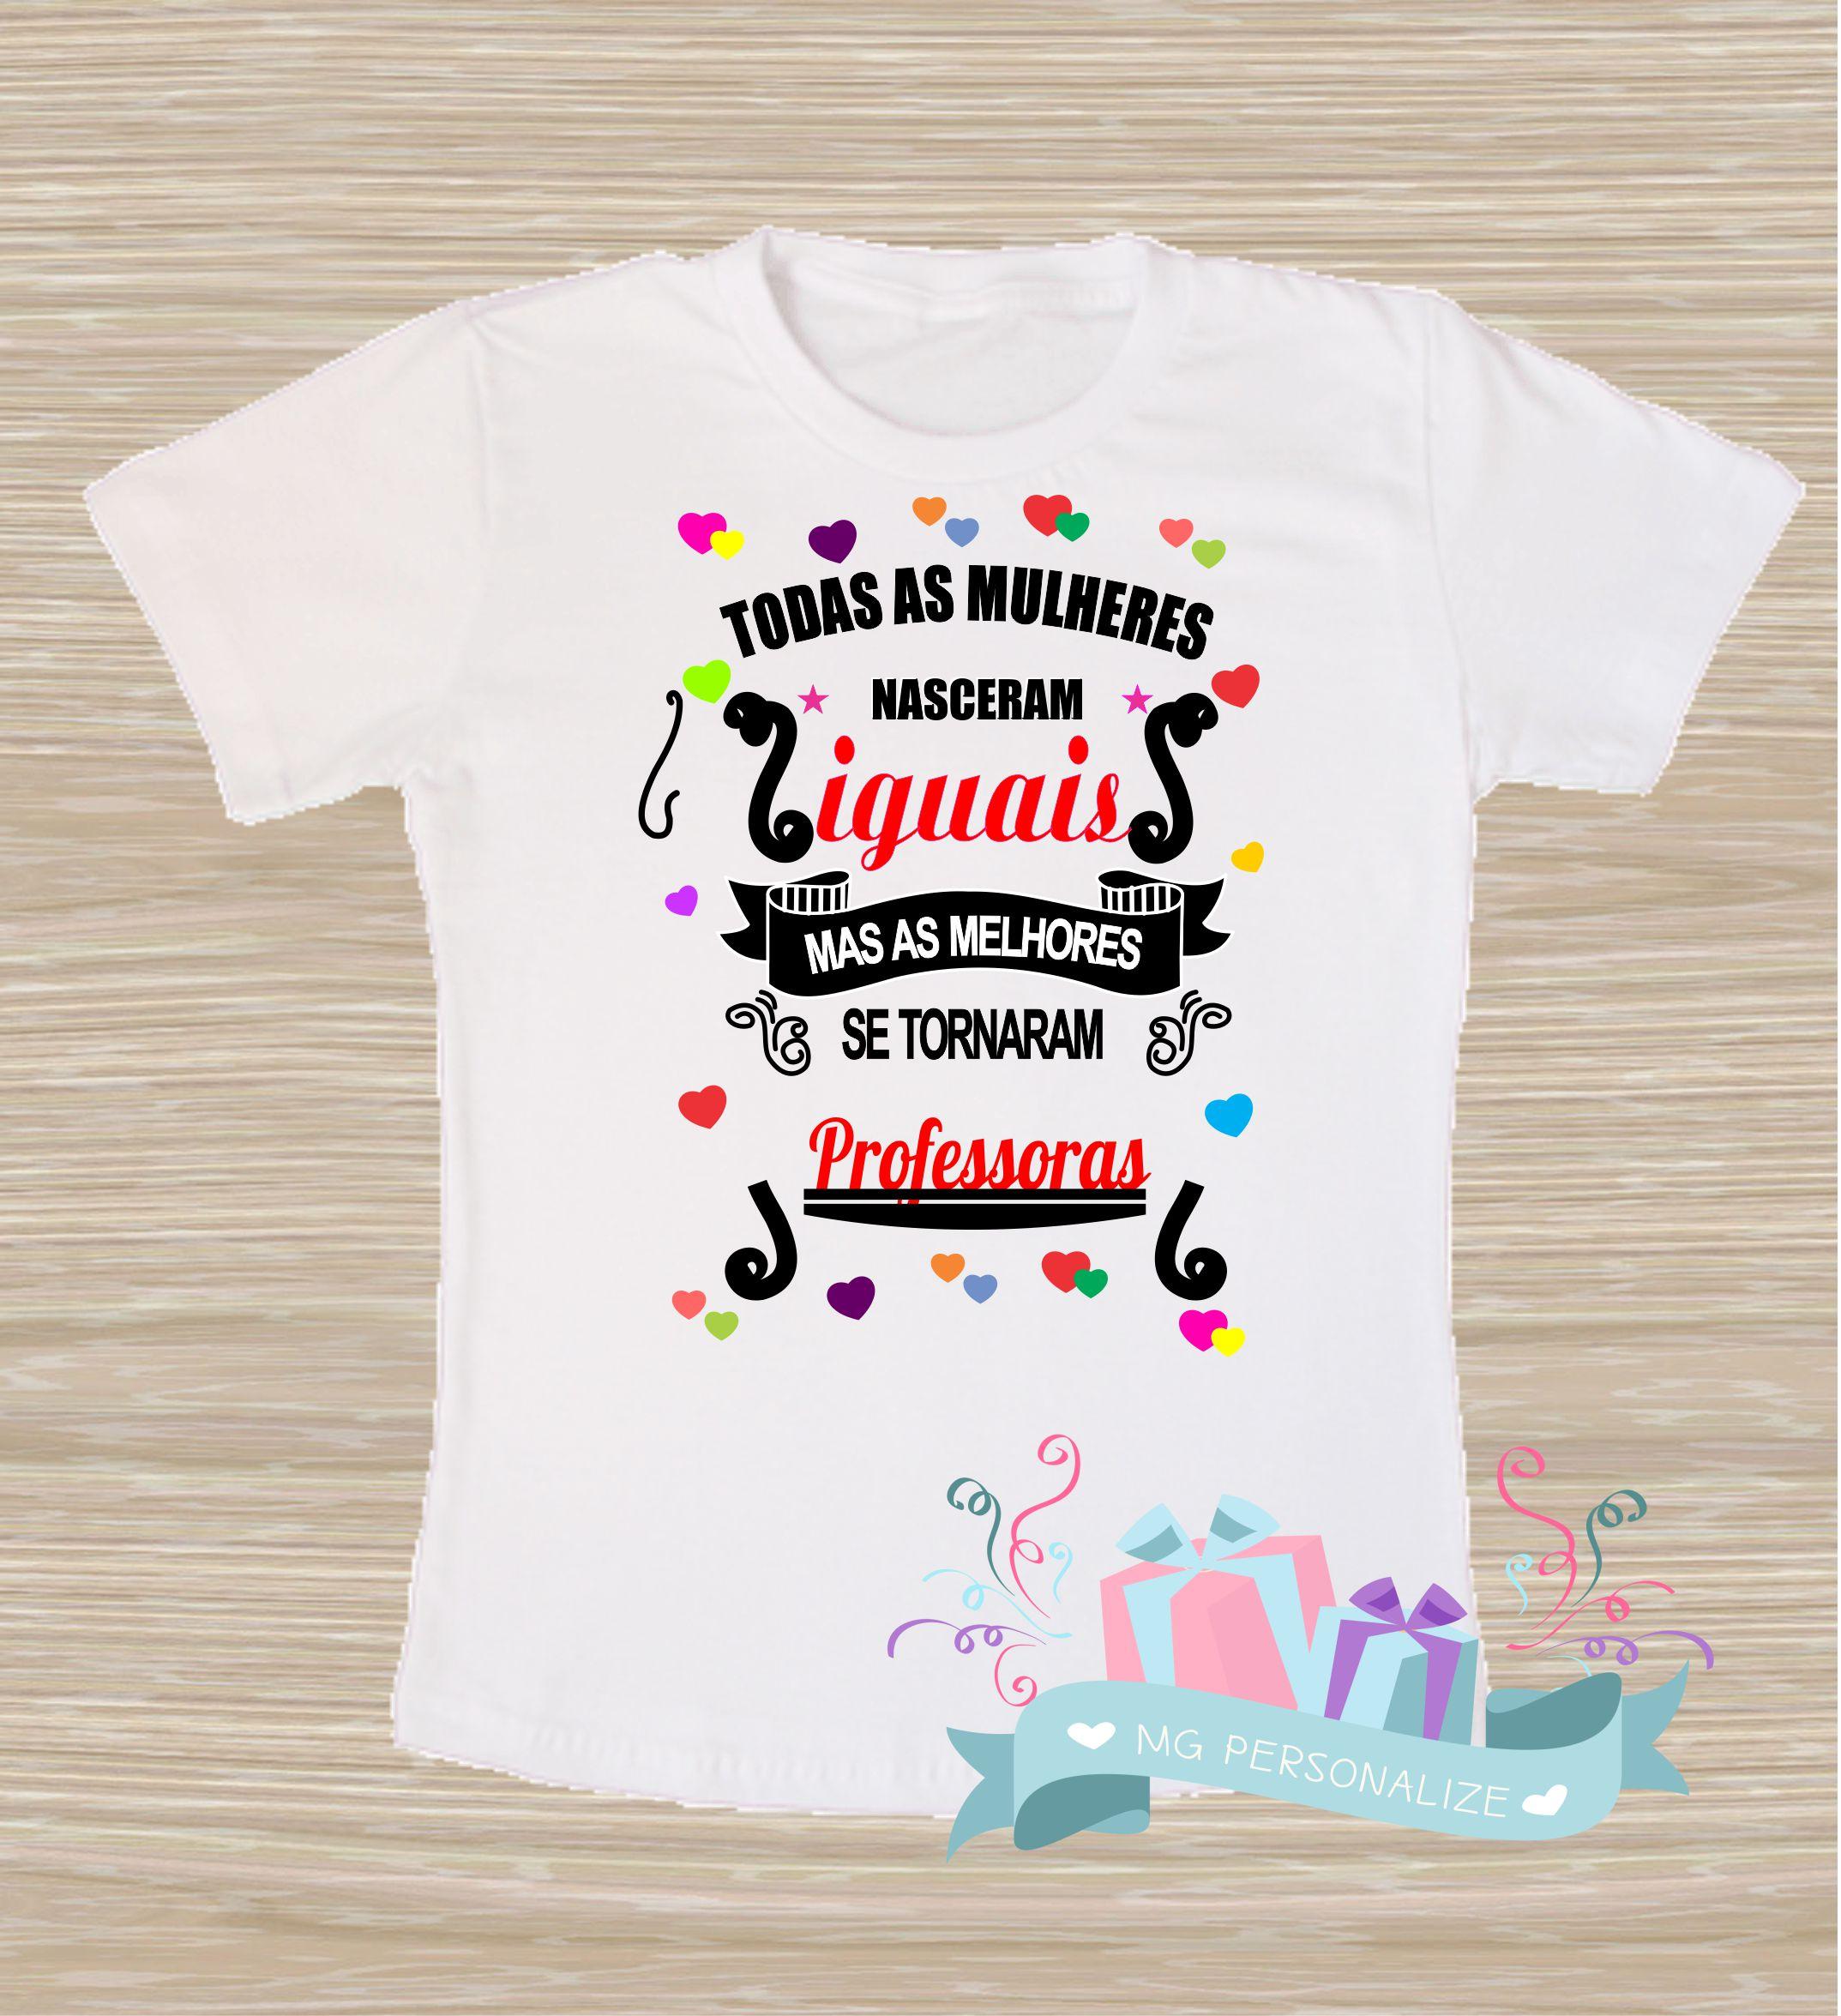 605b12a157 Camiseta Professora